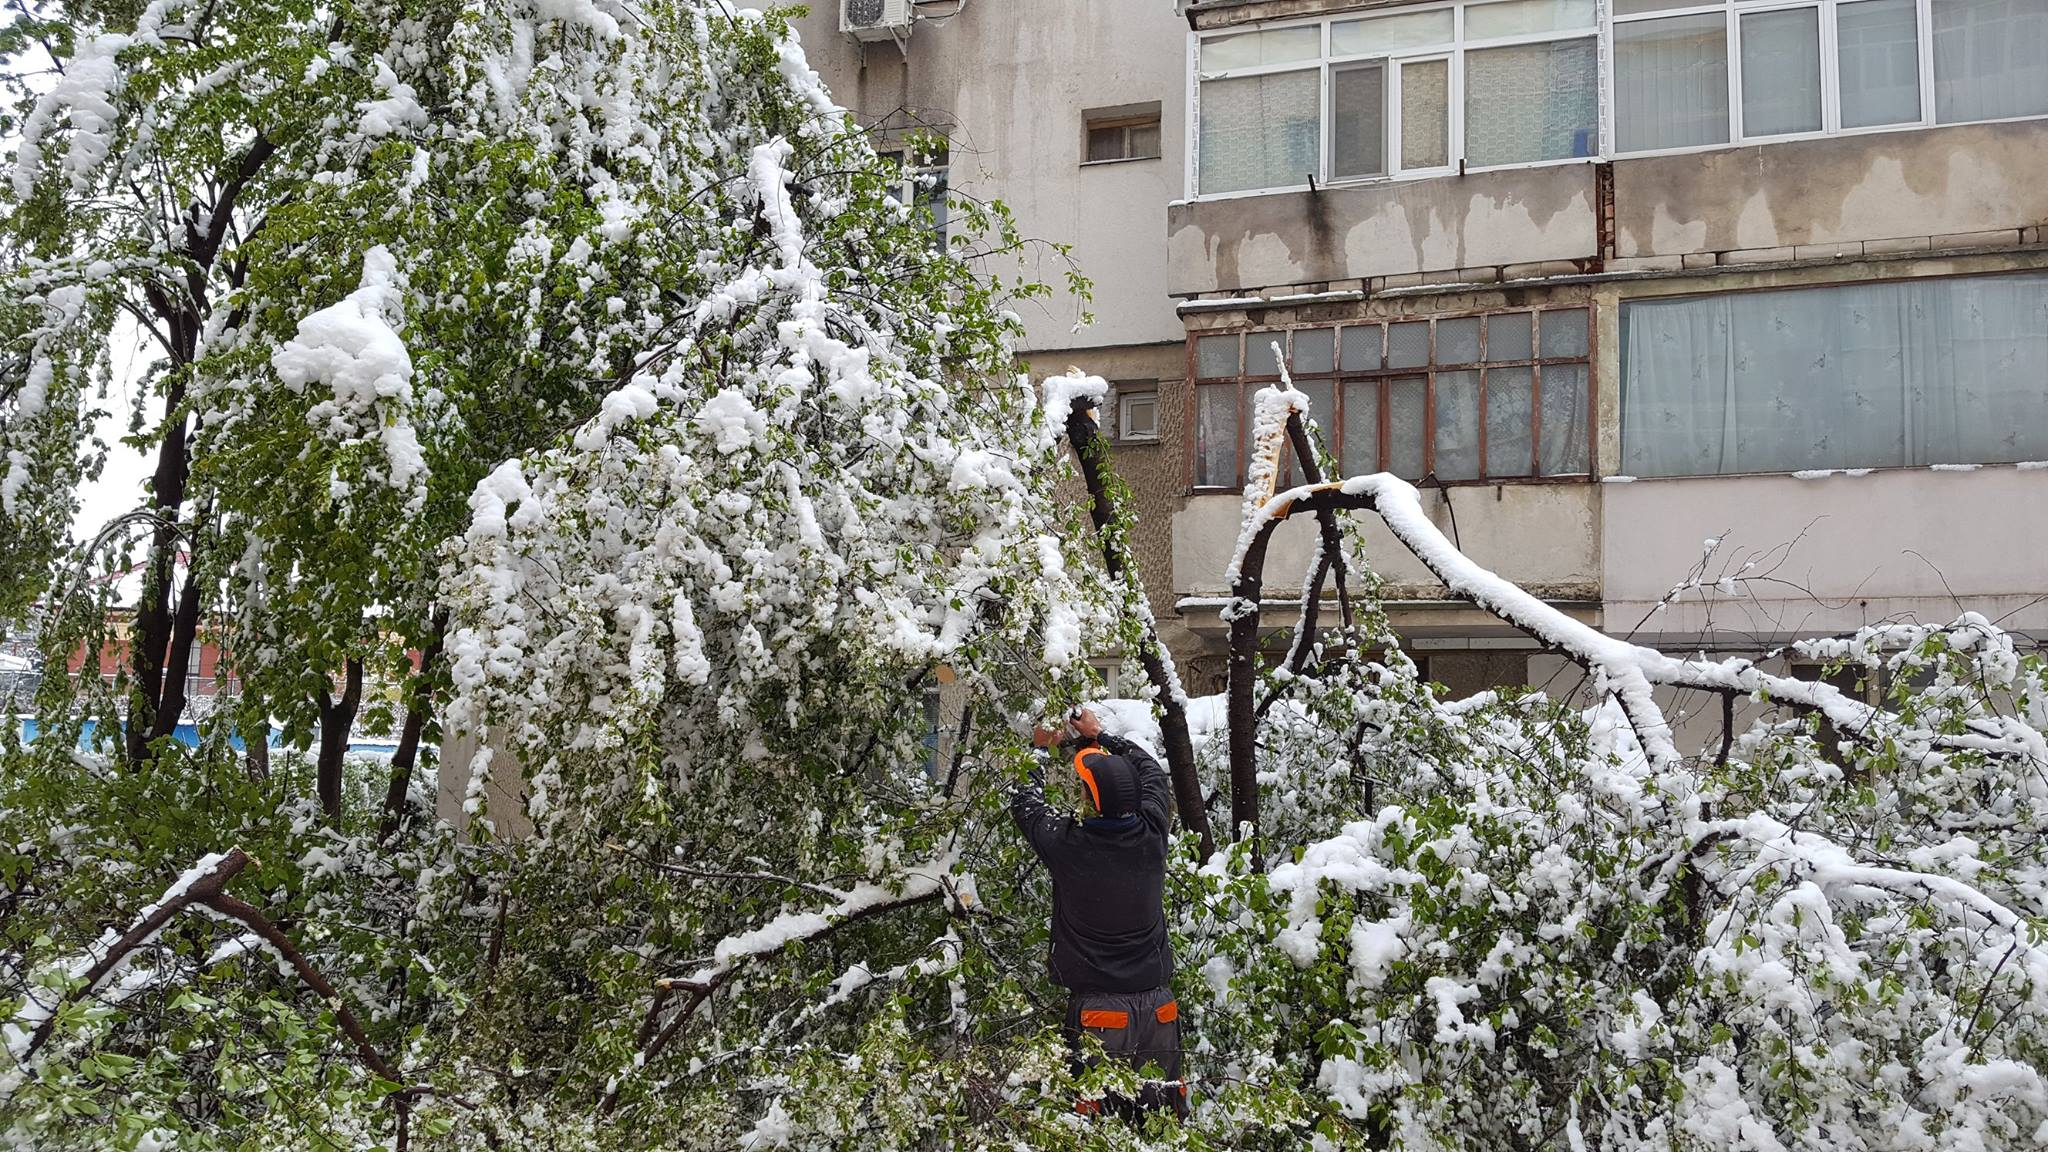 Iarna din aprilie a distrus 600 de arbori din Roman